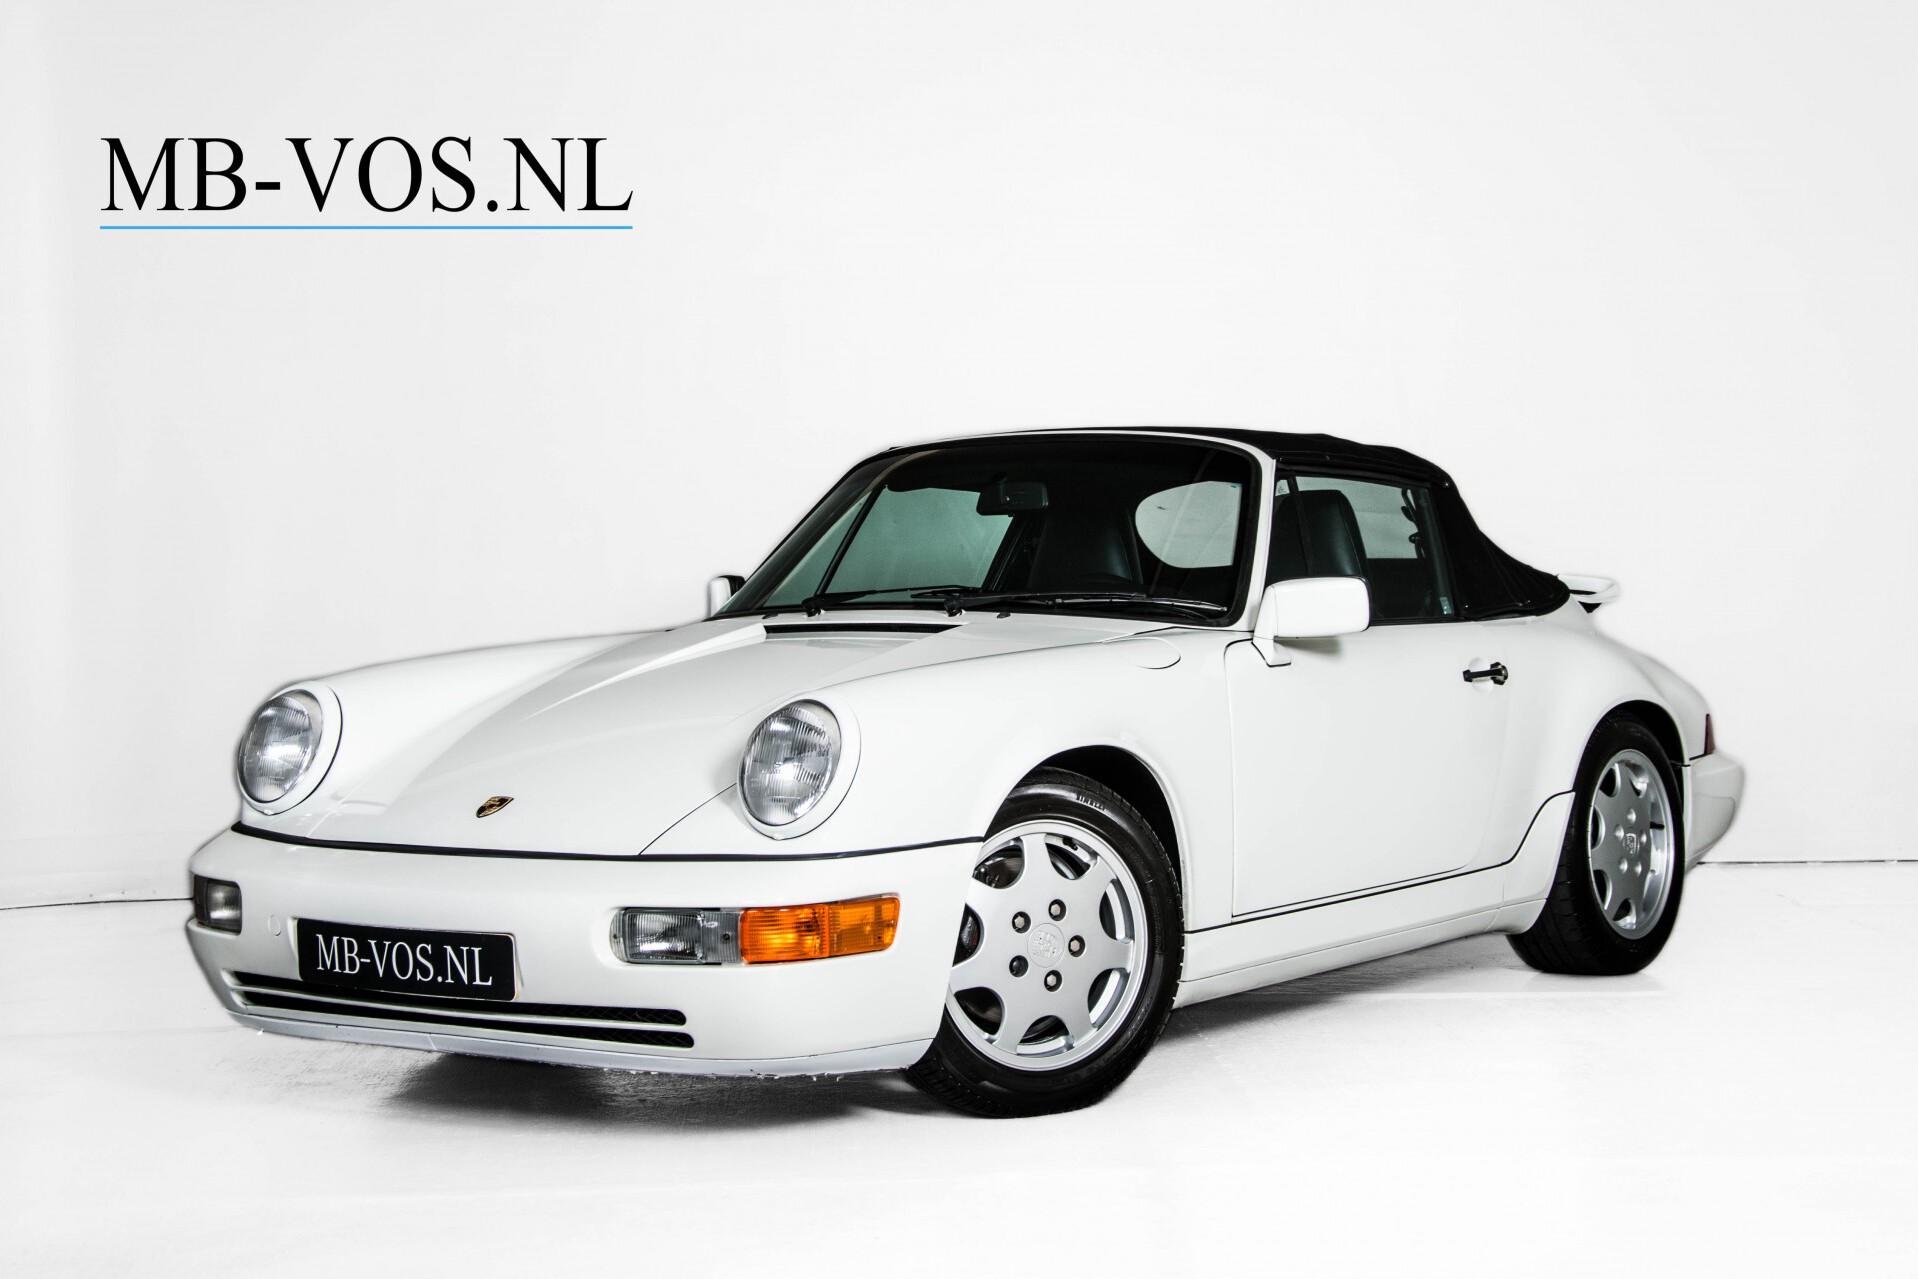 Porsche 911 Cabrio 964 3.6 Carrera 4 Gerestaureerd/Gedocumenteerd/Incl. BTW Foto 2